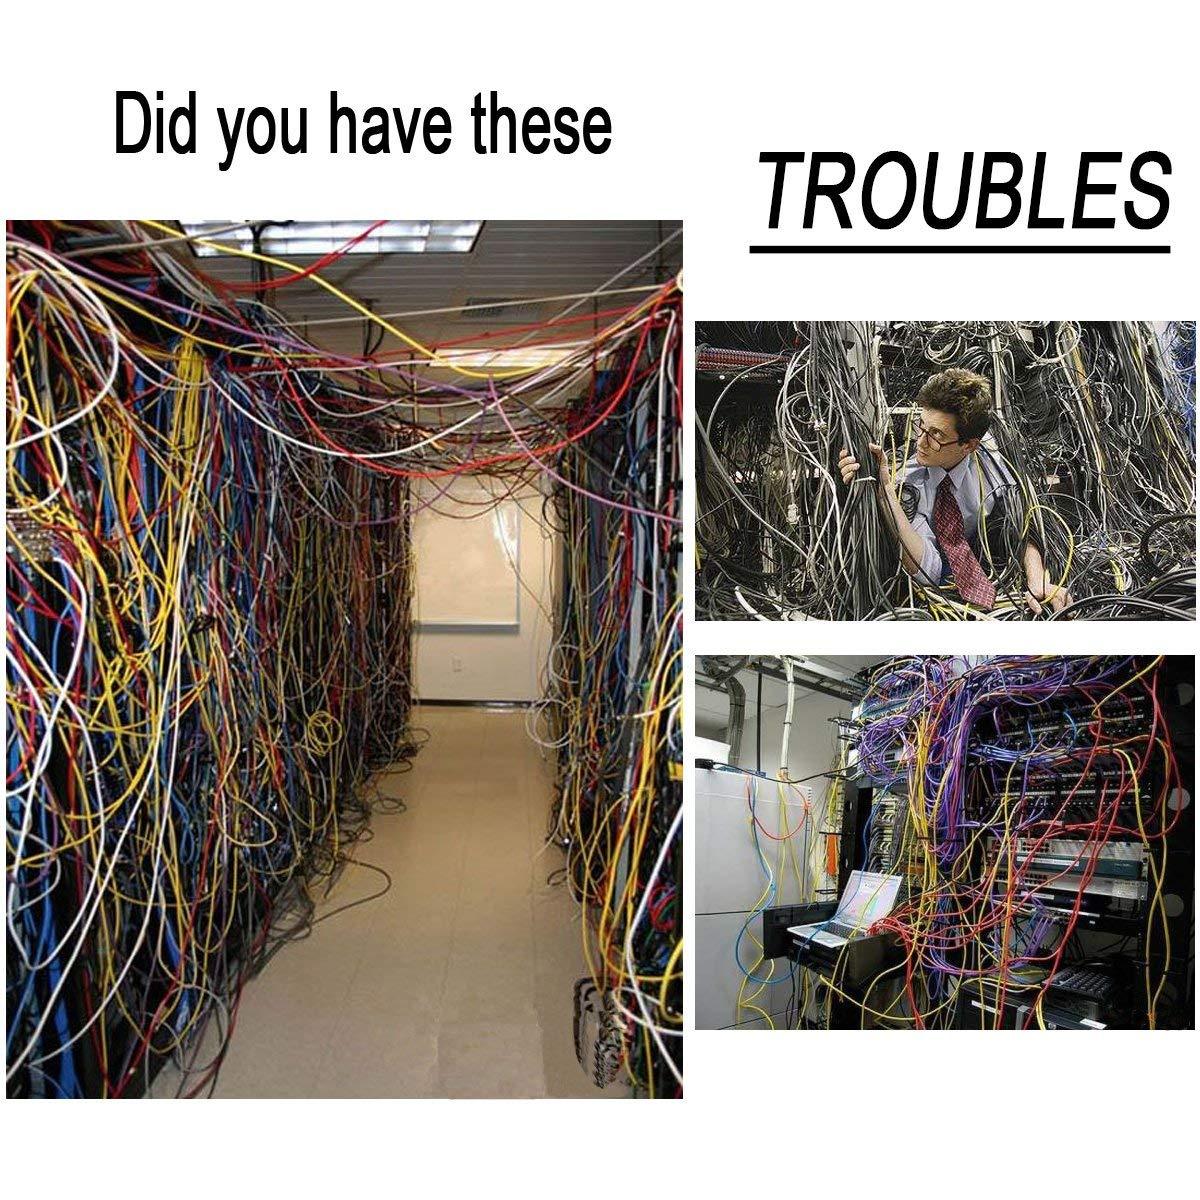 500Pcs Zip Ties,Black Nylon Zip Cable Ties Adjustable Durable Self Locking Zip Ties for Home Office Garage Workshop Indoor /& Outdoor Heavy Duty 4//6//8//10//12inches